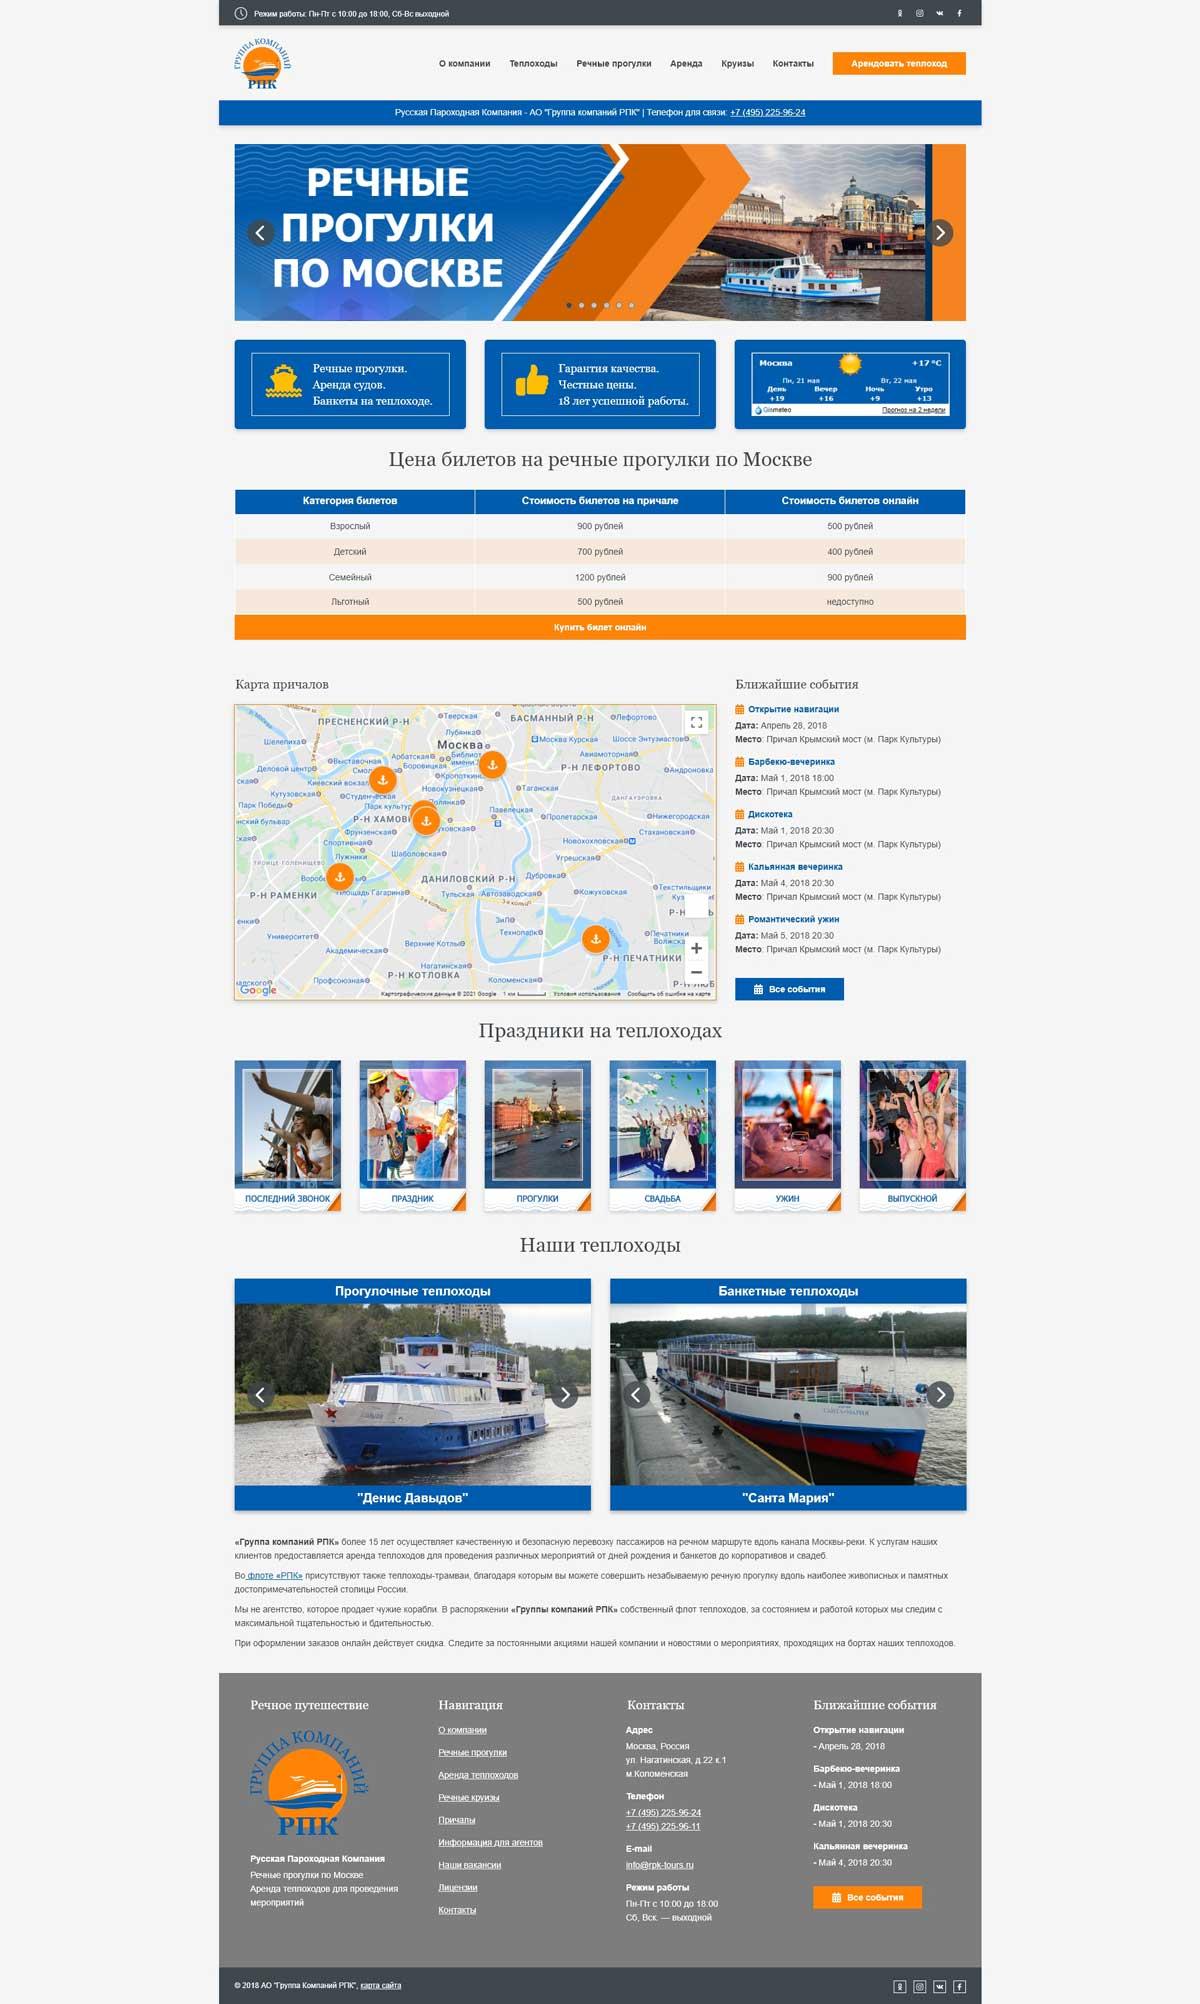 Превью домашней страницы сайта rpk-tours.ru